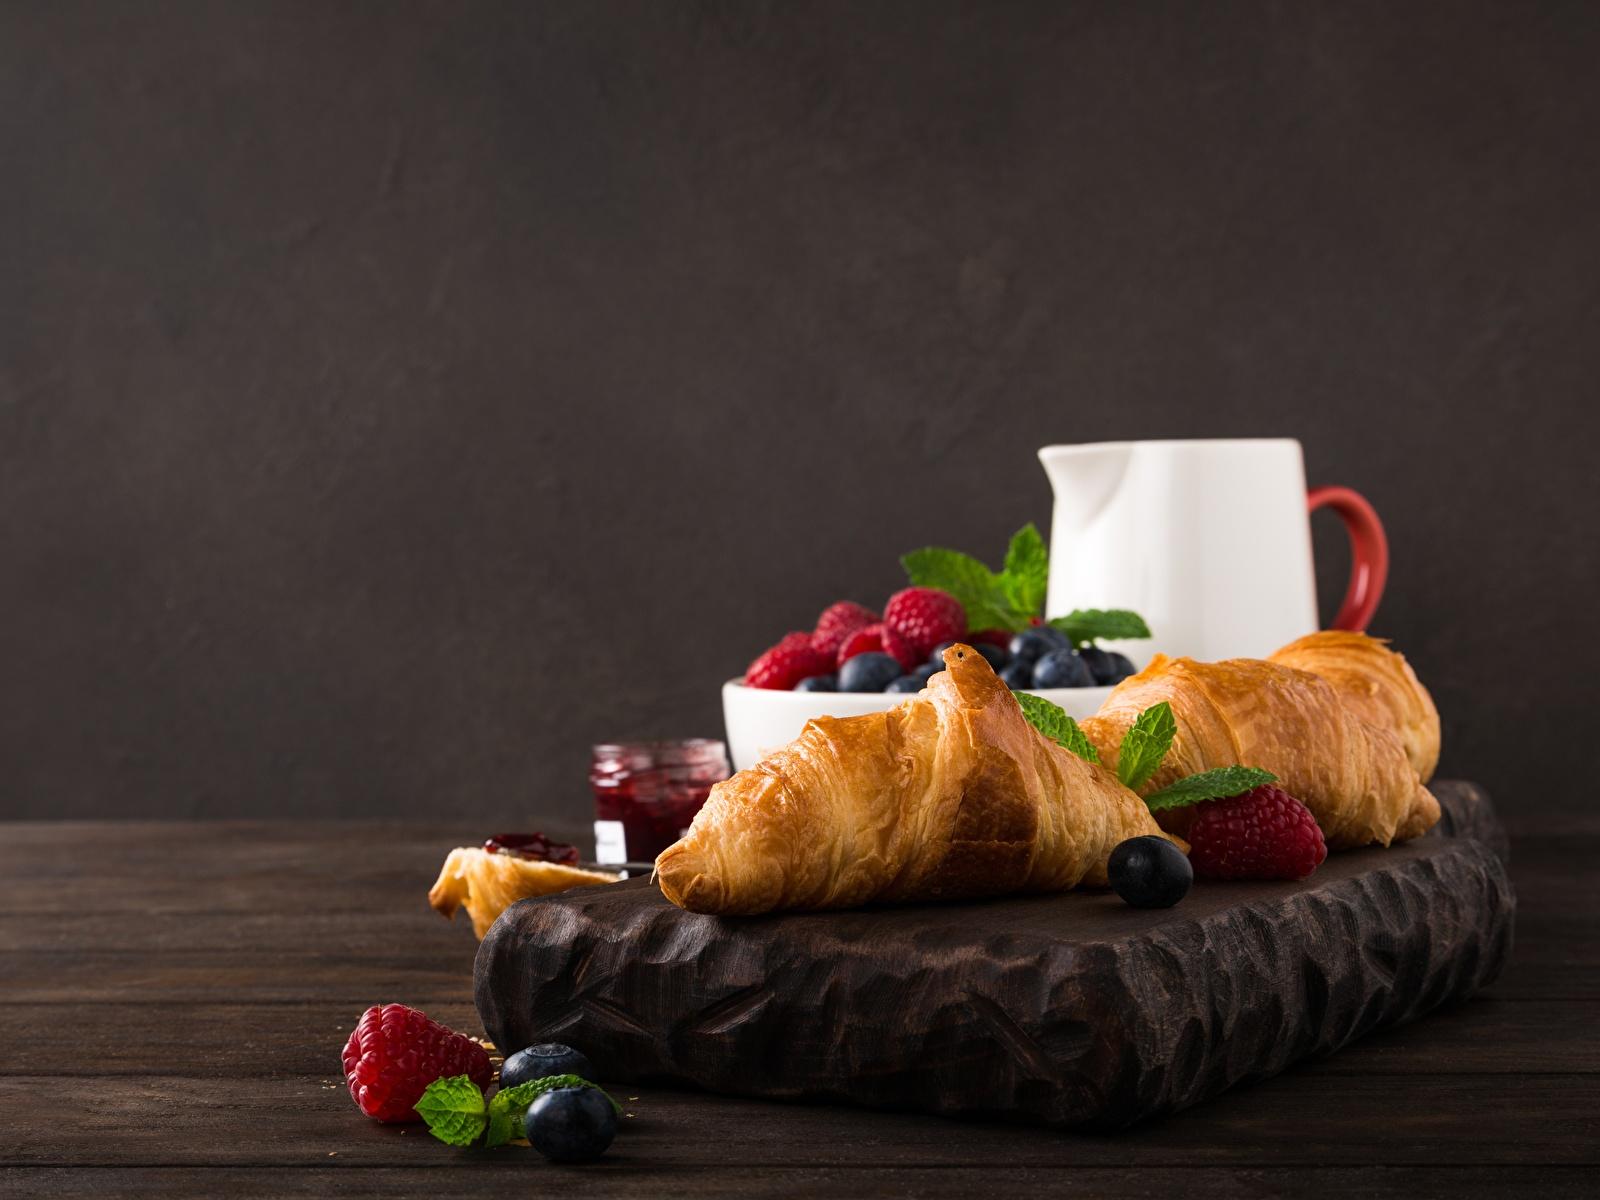 Фотография Завтрак Круассан Малина Еда Ягоды 1600x1200 Пища Продукты питания